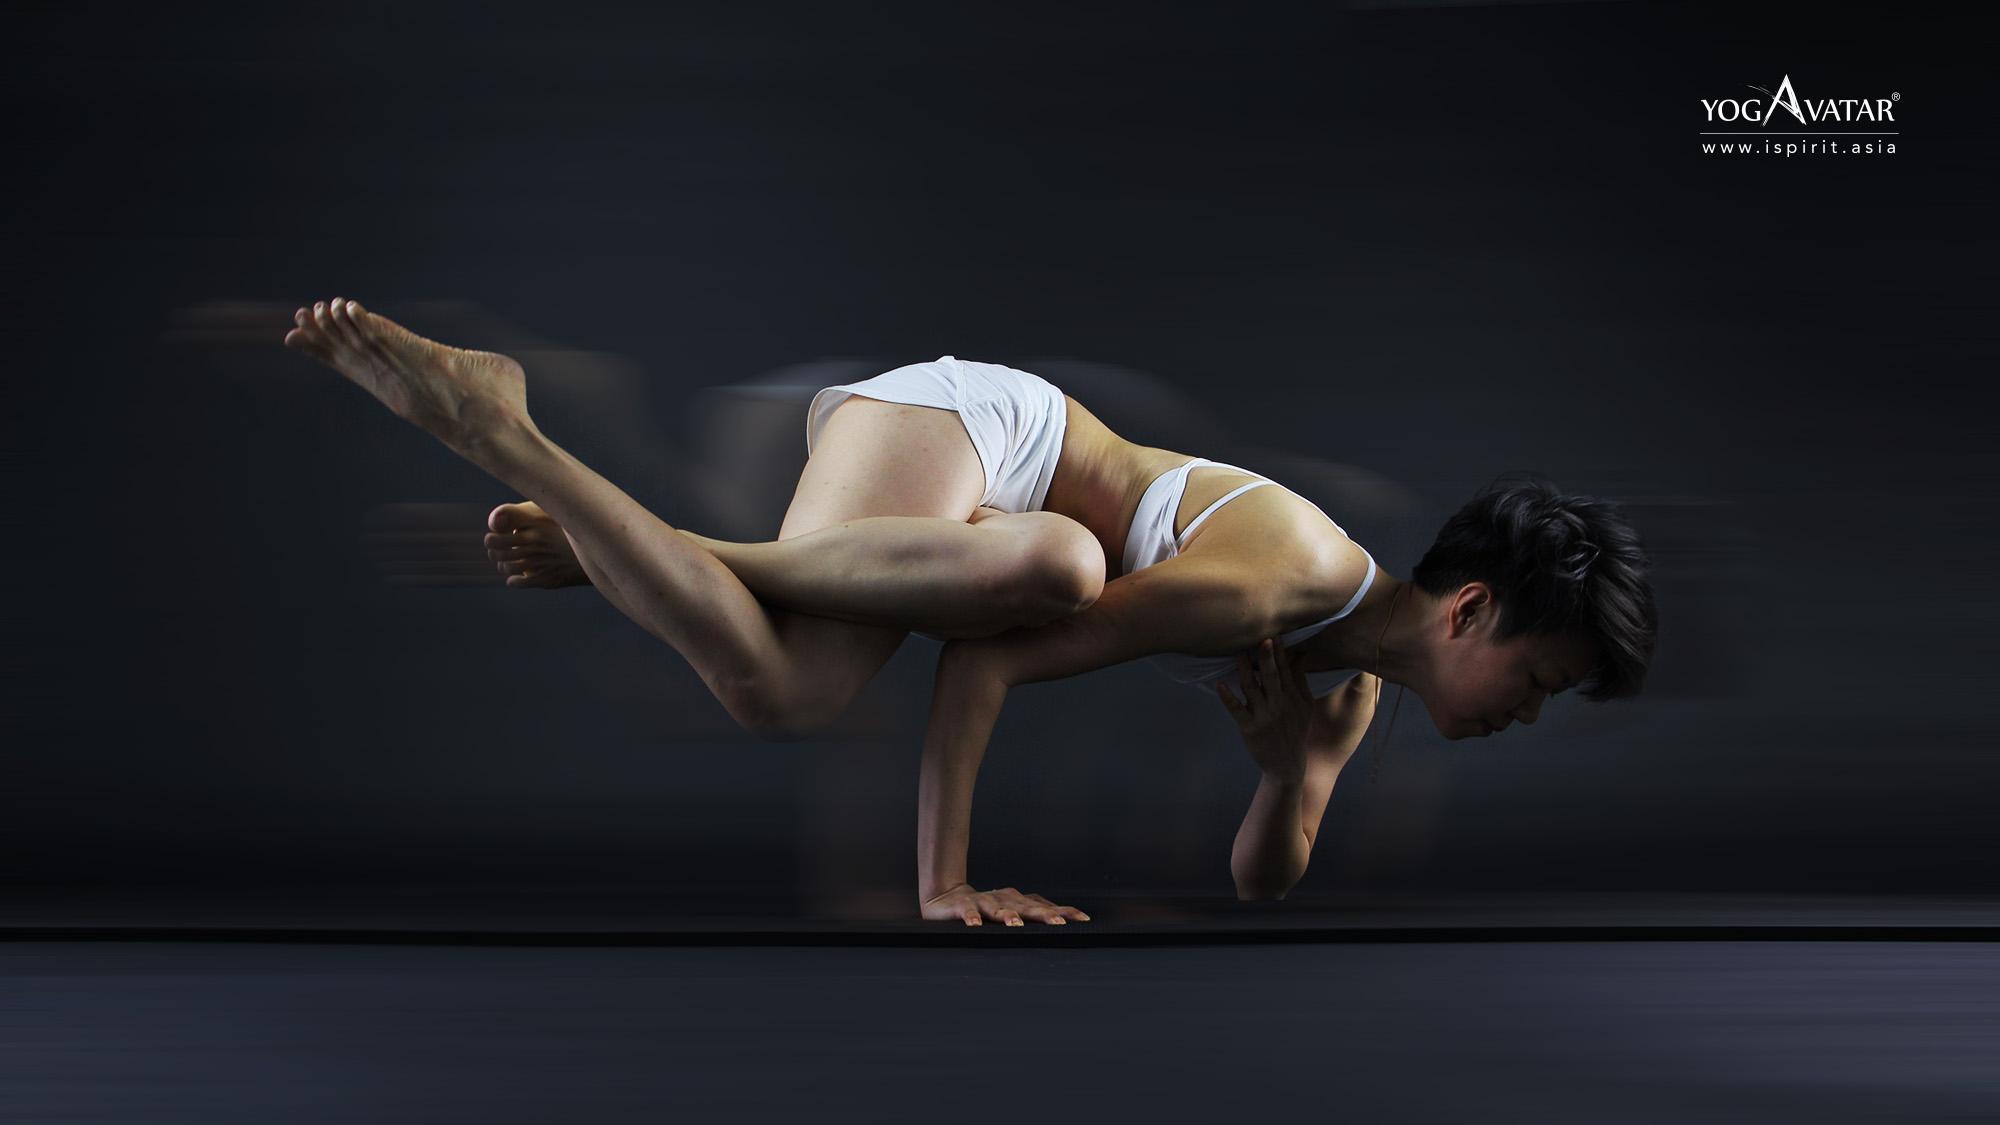 Yogavatar®